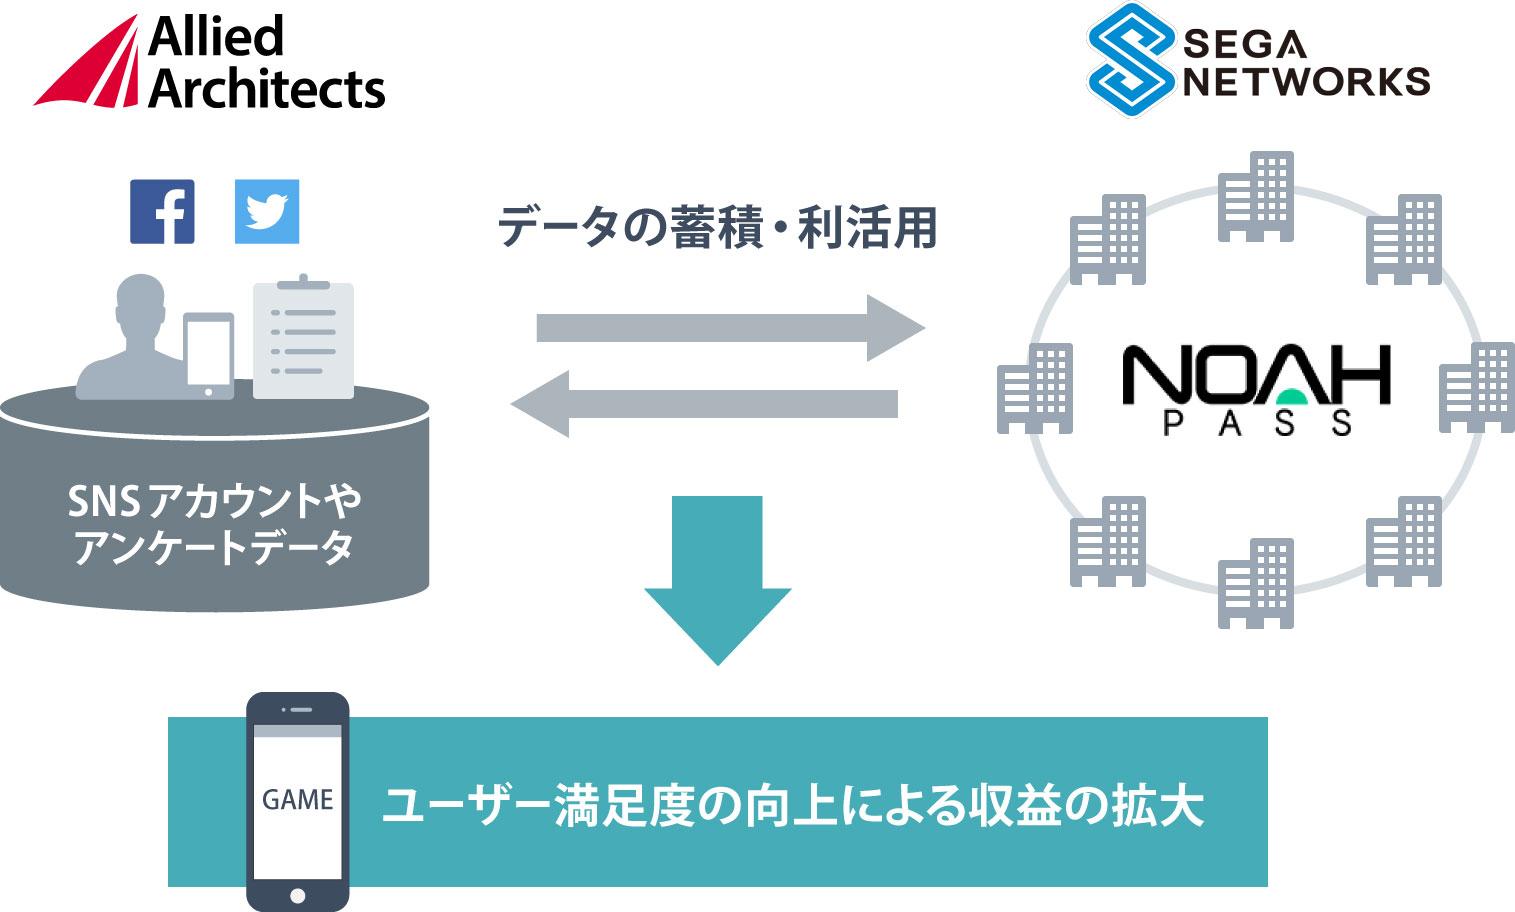 AA_SEGA NETWORKS.jpg